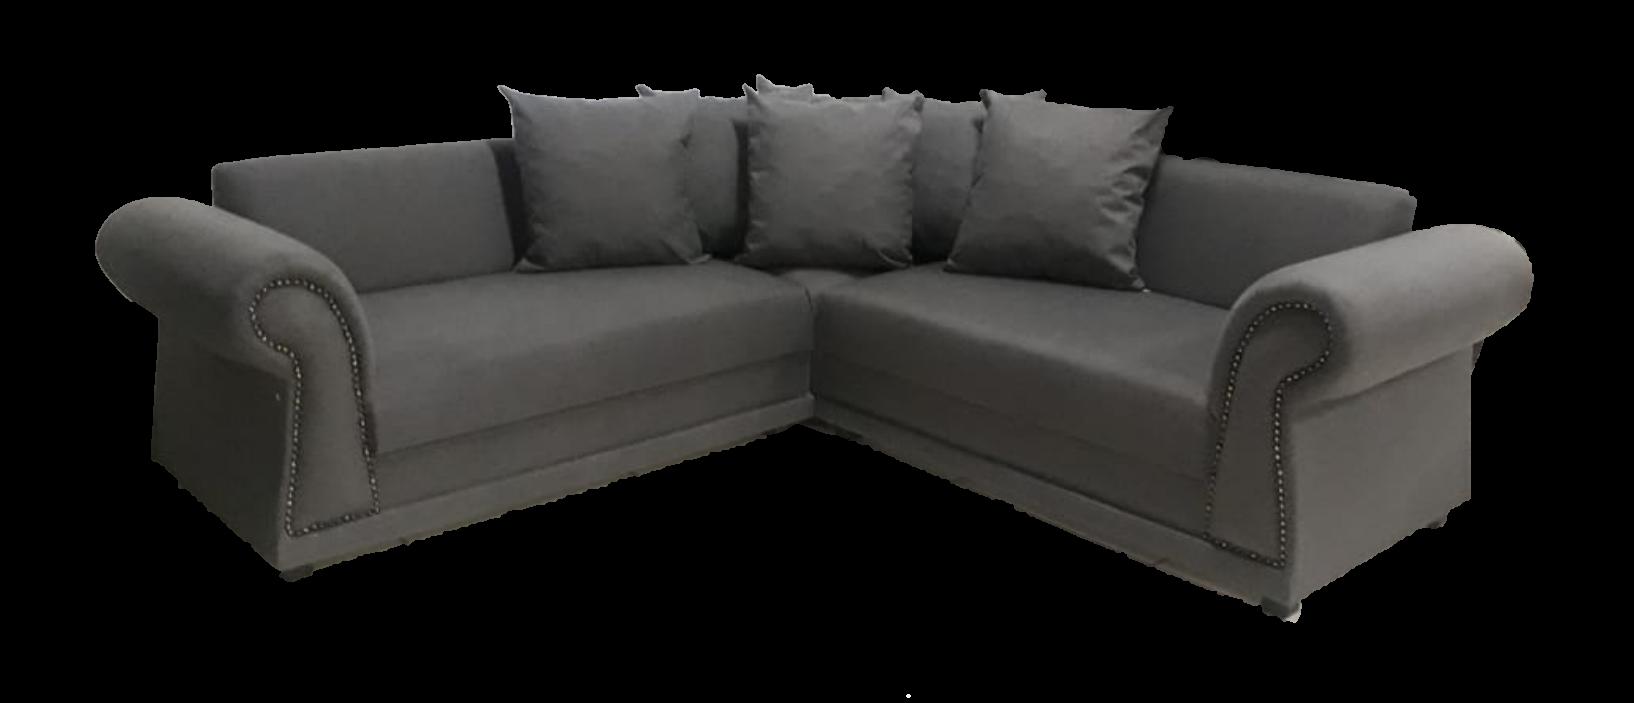 Corner couches